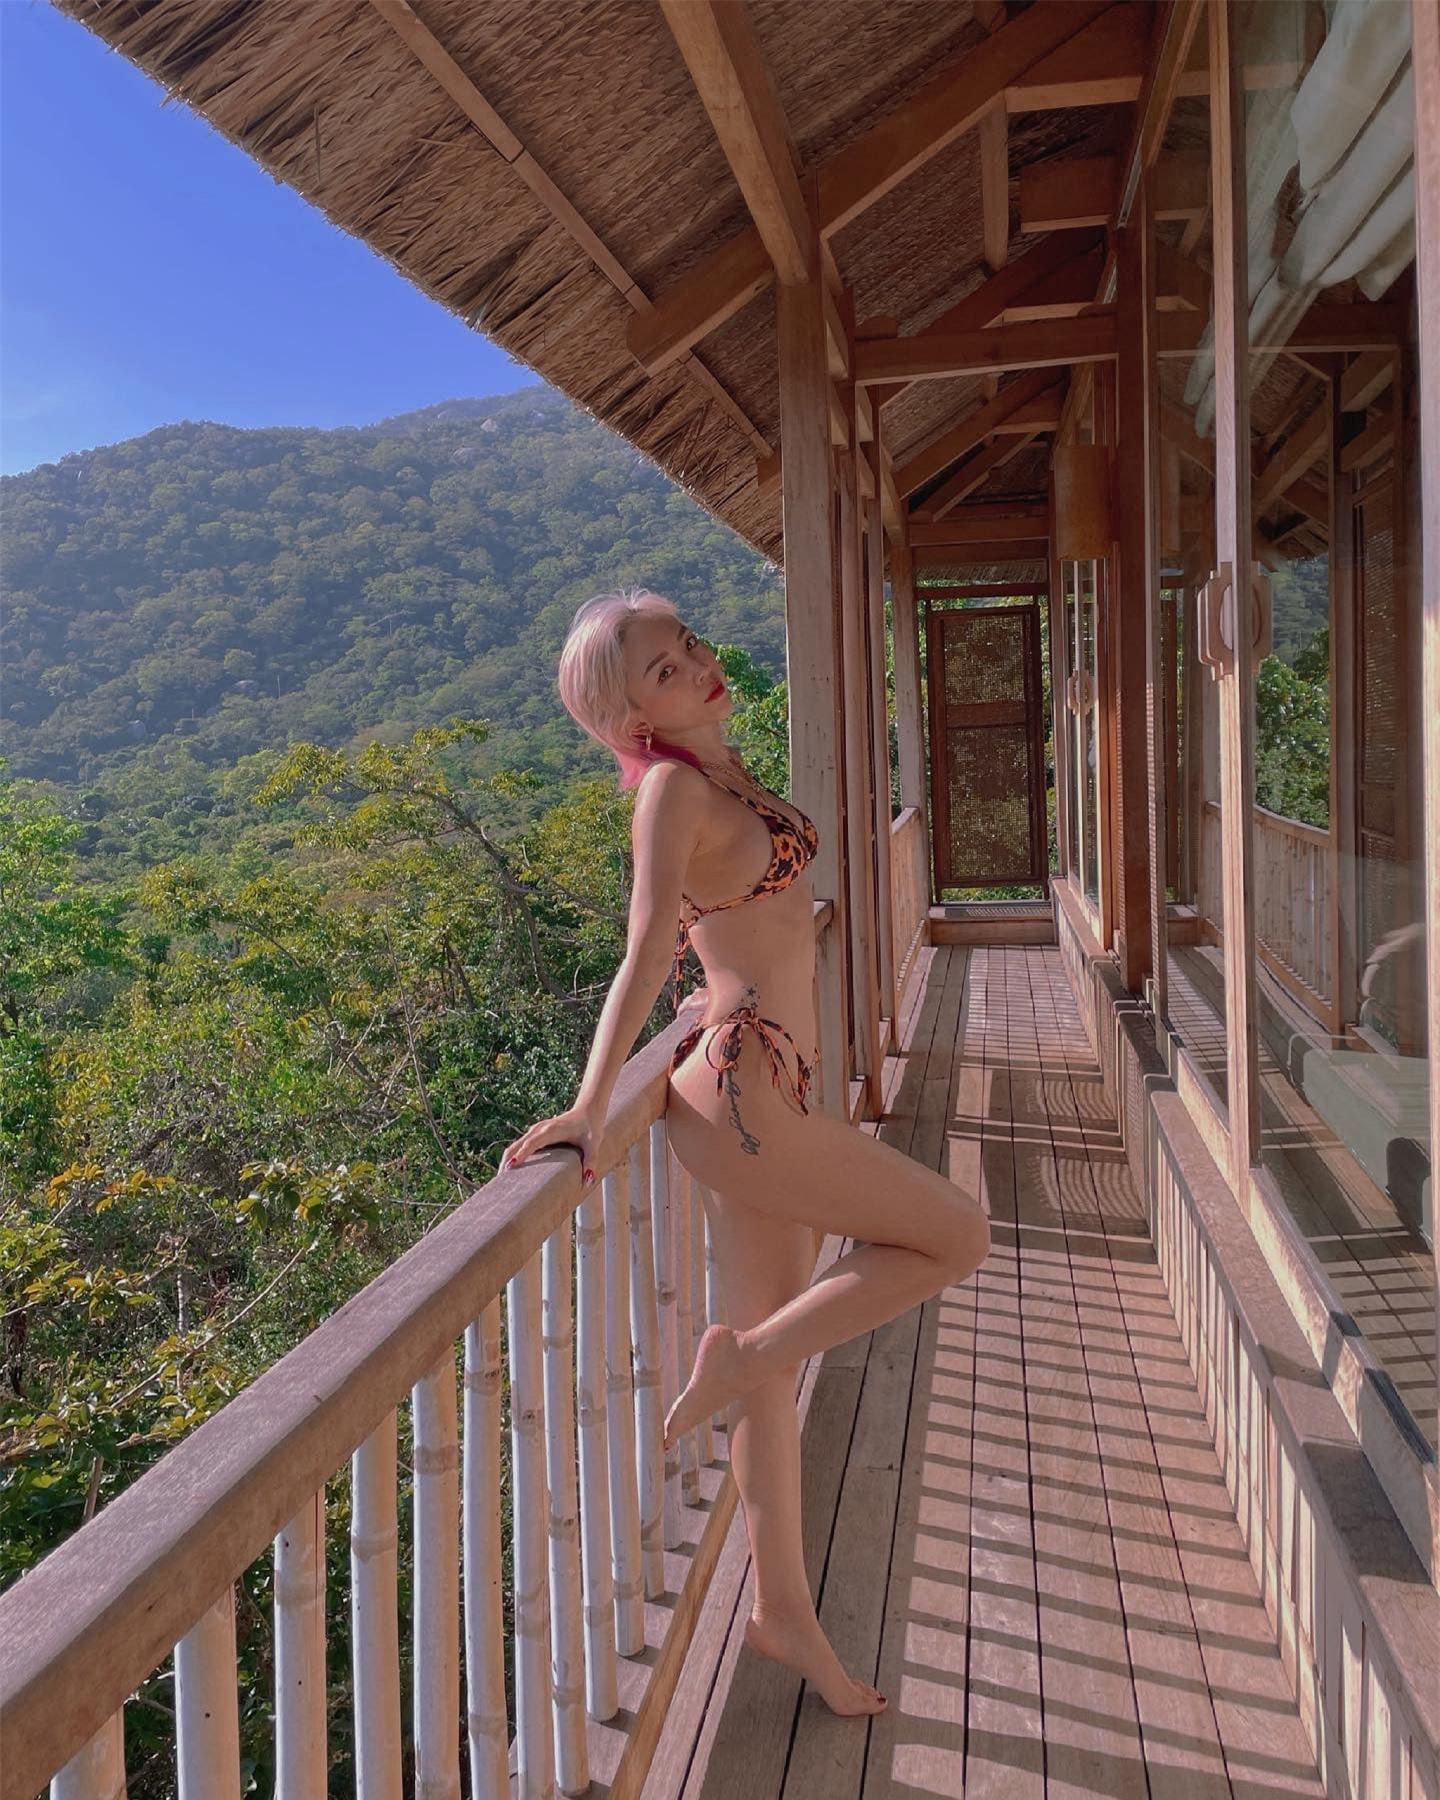 Tóc Tiên tự tin khoe loạt ảnh bikini bốc lửa ở tuổi 32 - Ảnh 2.